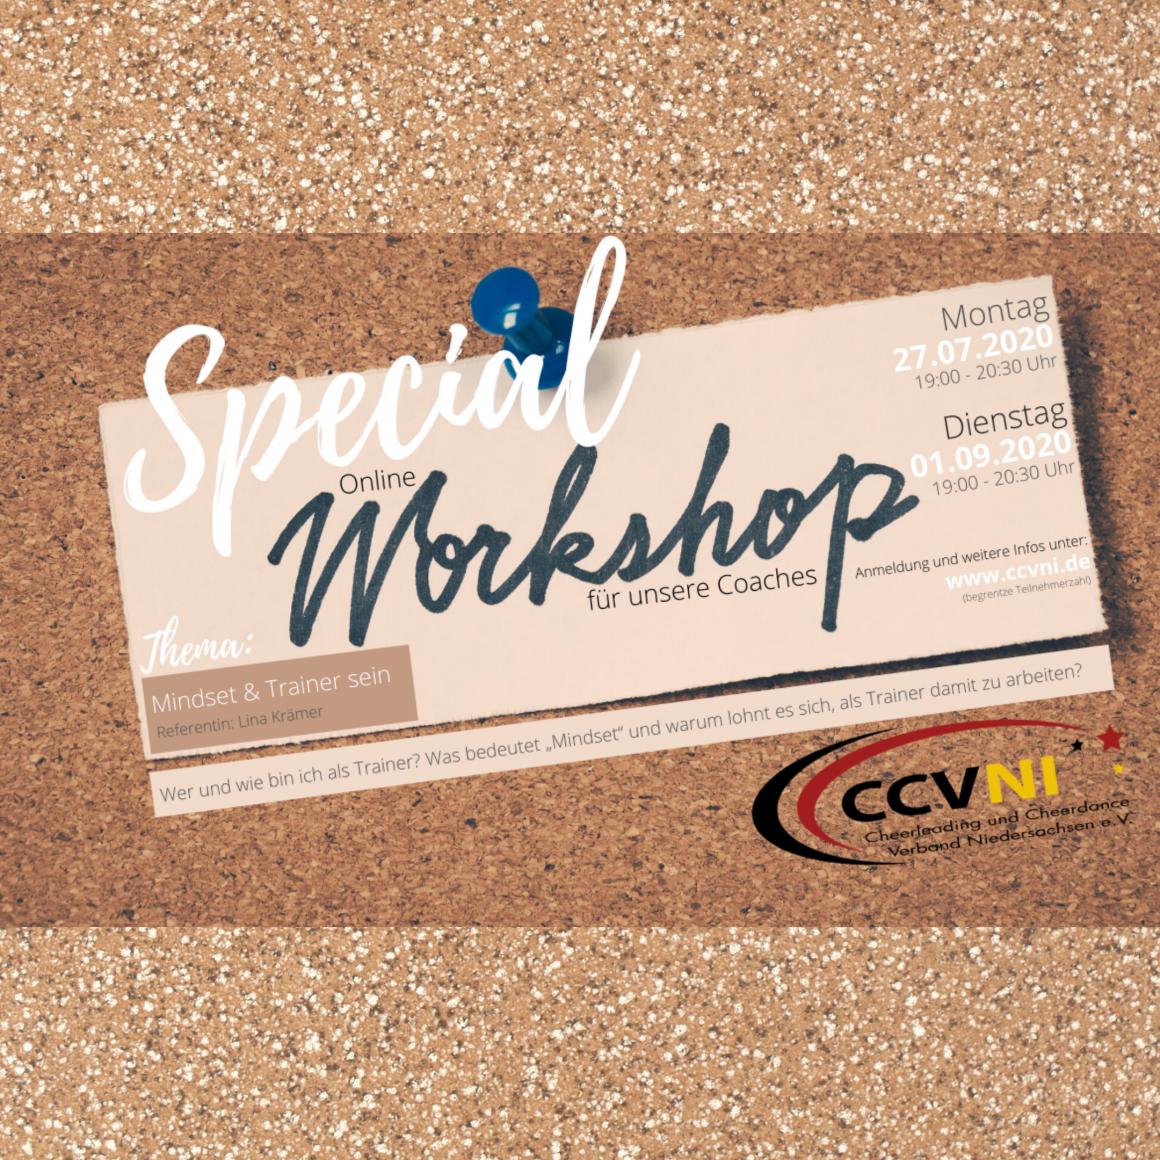 Online Workshop für unsere Coaches – Mindset & Trainer sein